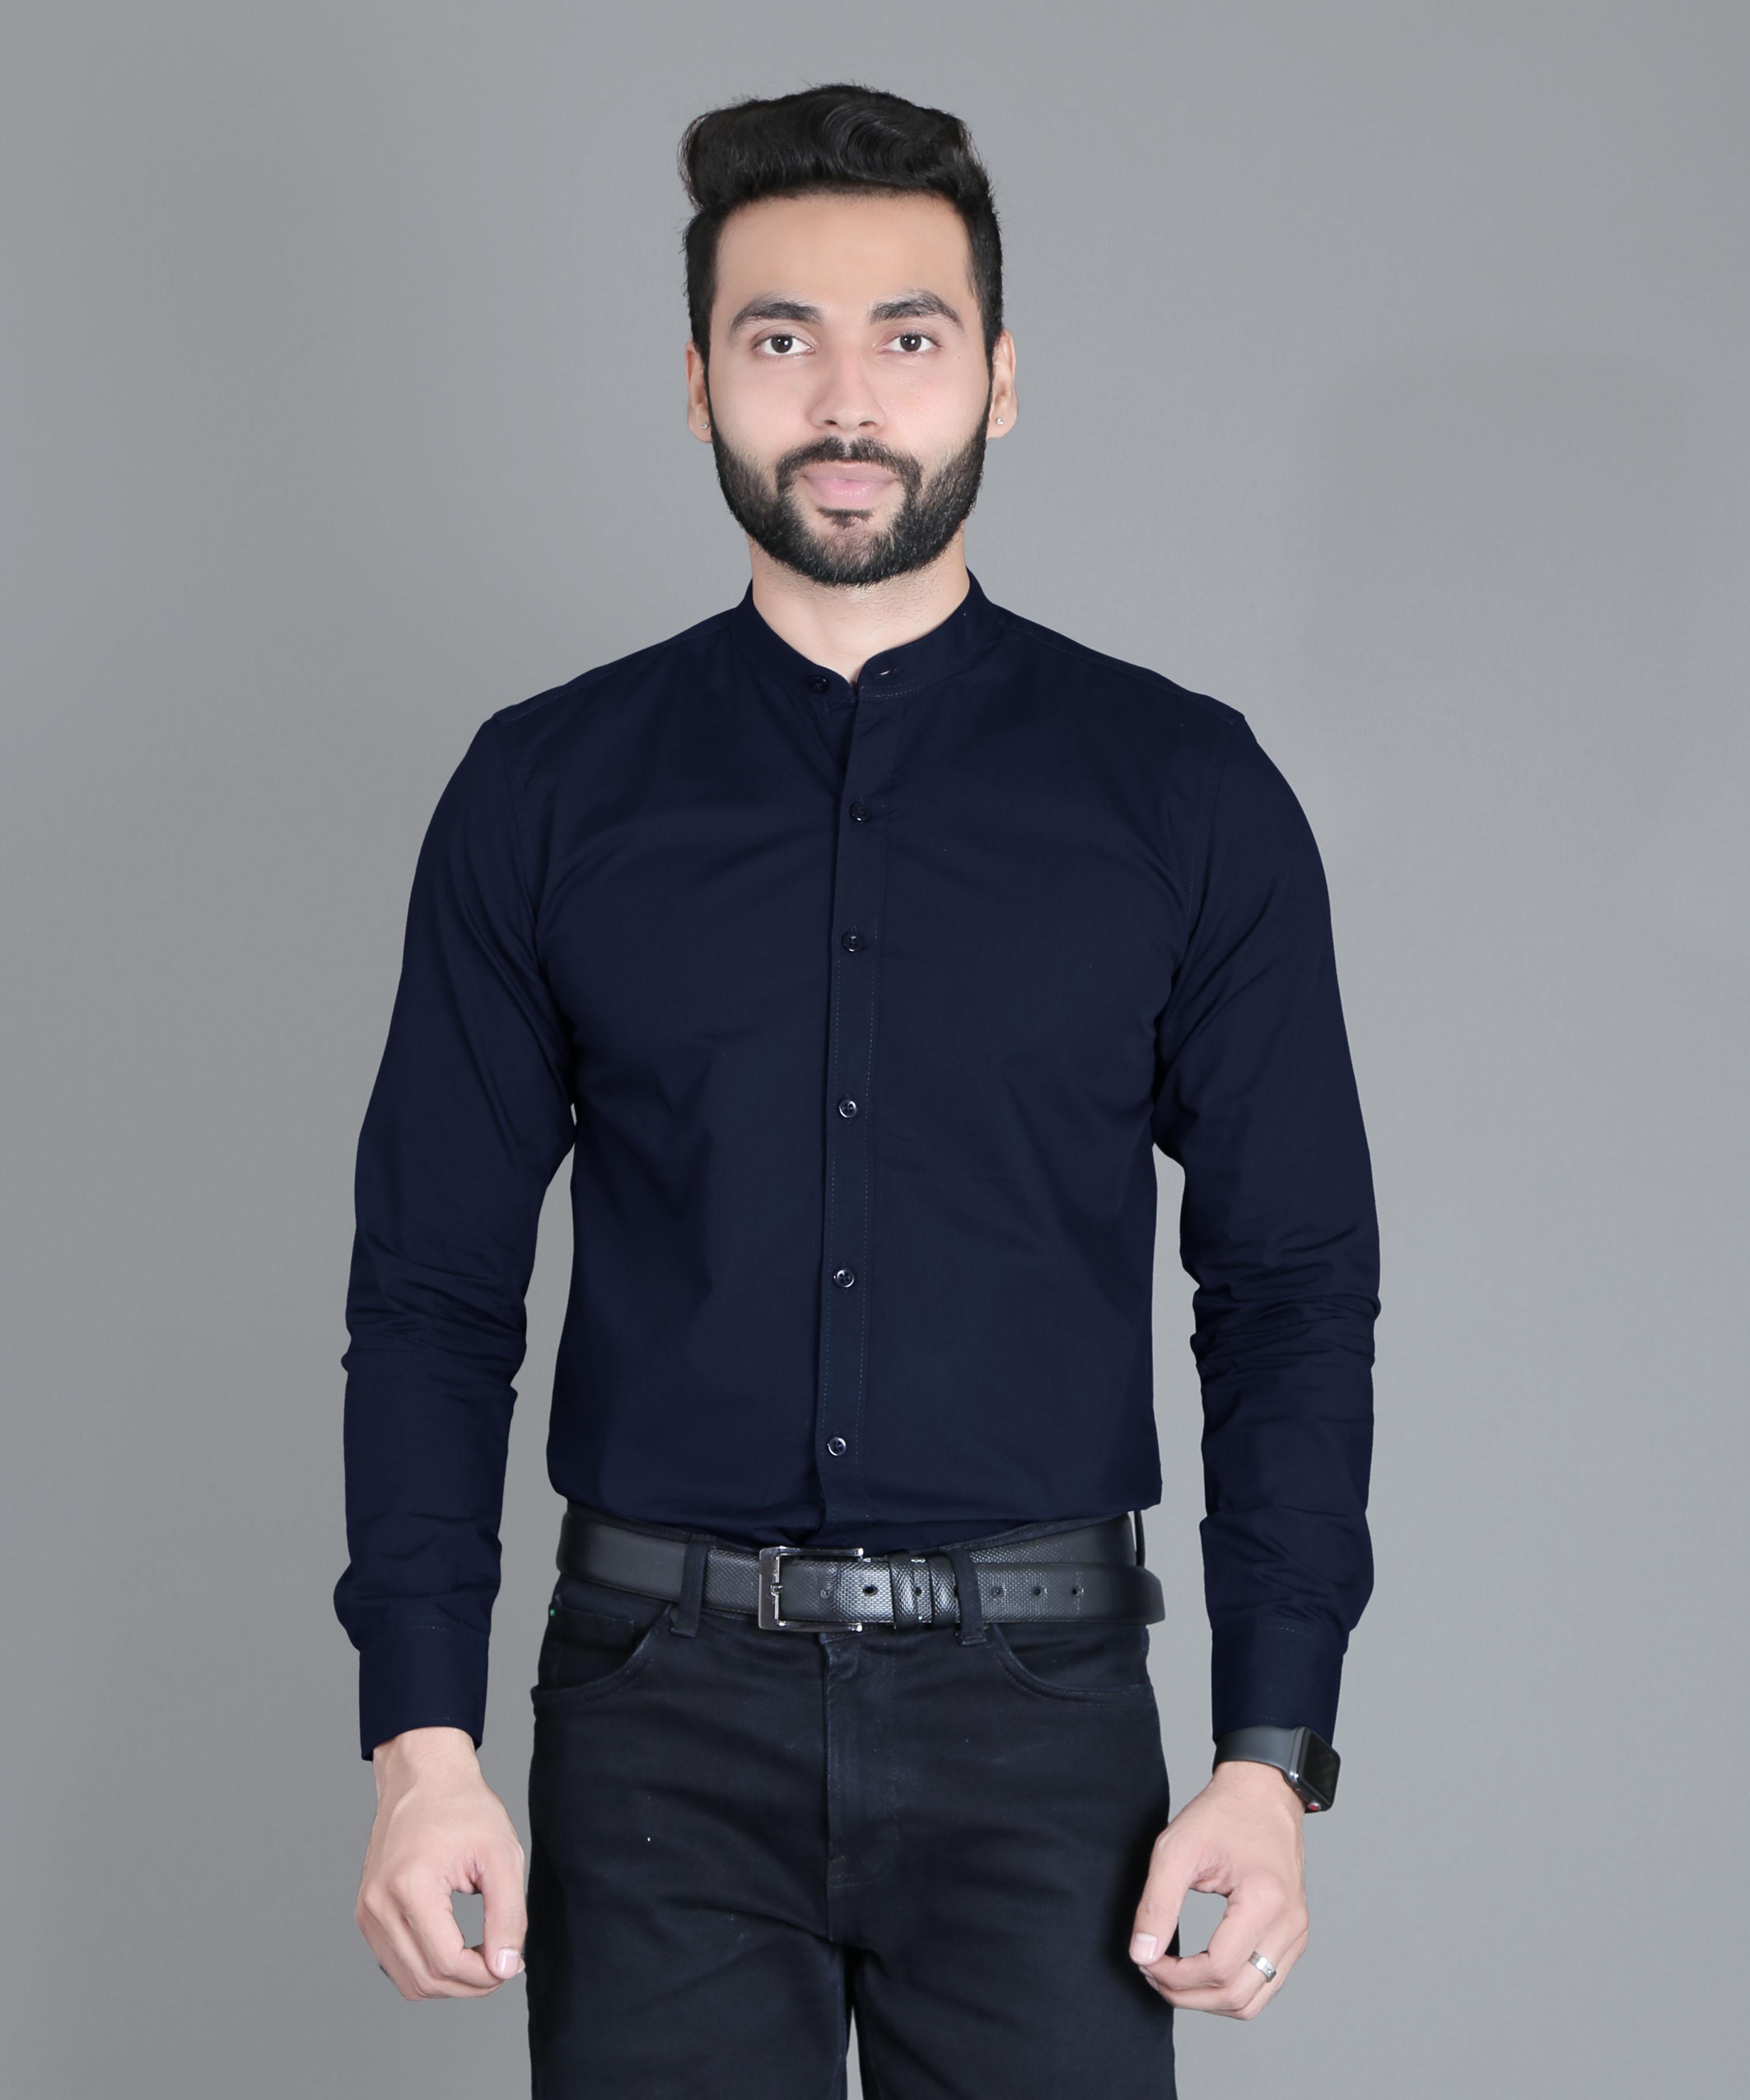 FIFTH ANFOLD Formal Mandrin Collar full Sleev/Long Sleev Light Navy Pure Cotton Plain Solid Men Shirt